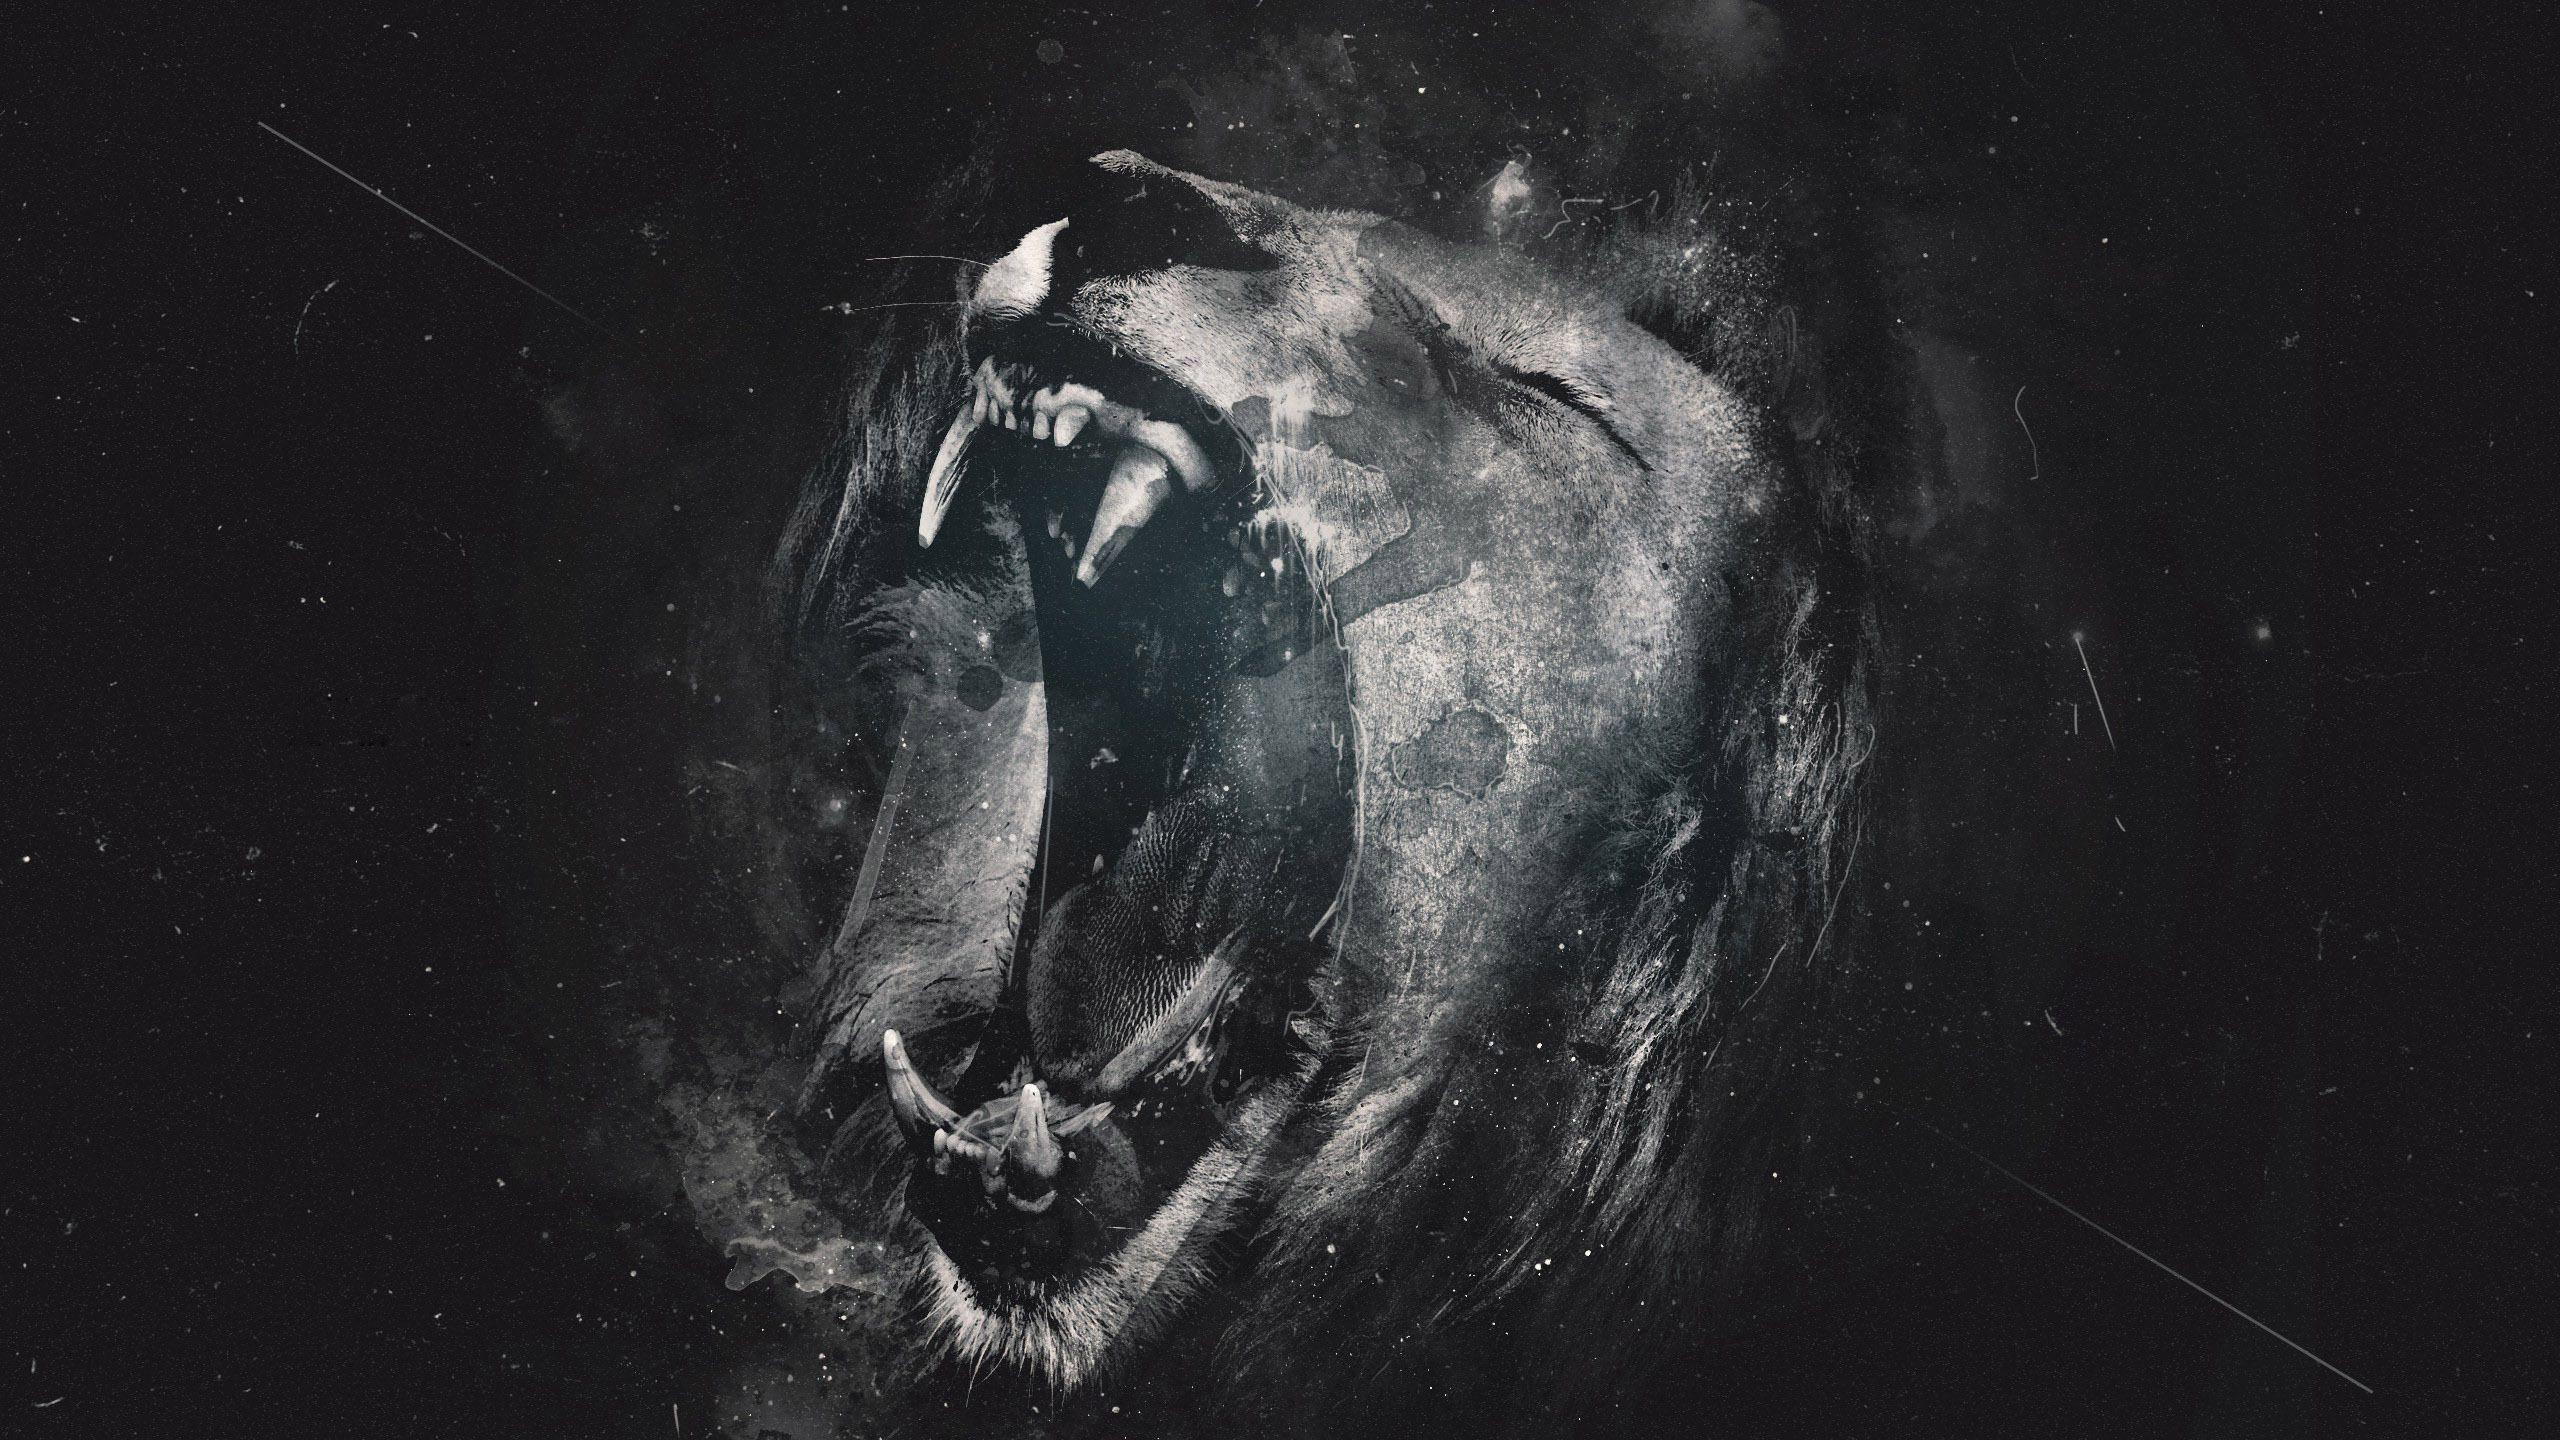 Lion Wallpaper - Best HD Wallpaper